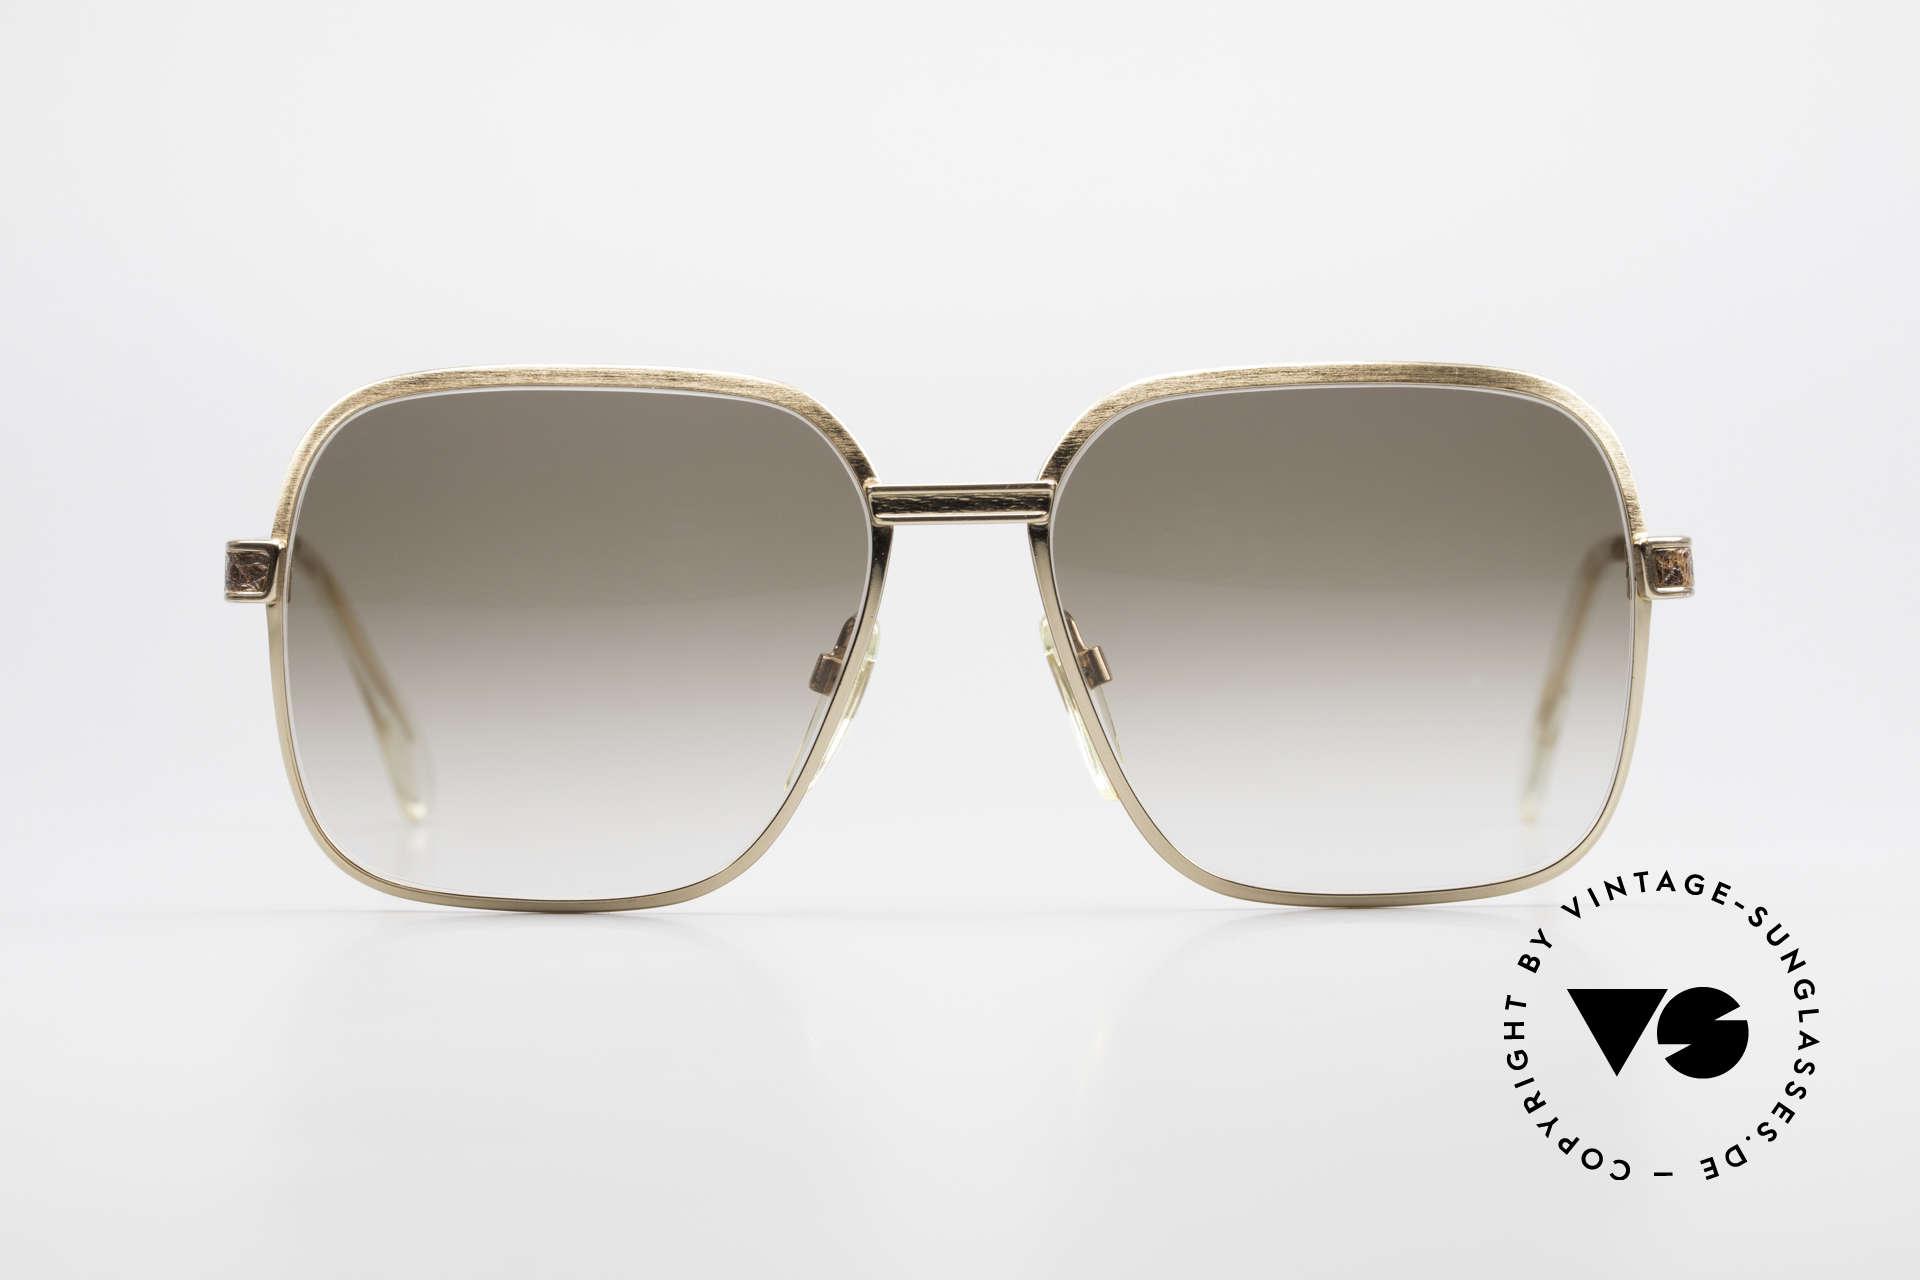 Neostyle Boutique 510 Leder Edition Vergoldet 80er, 80er Luxus-Sonnenbrille mit LEDER-Inlays, Passend für Herren